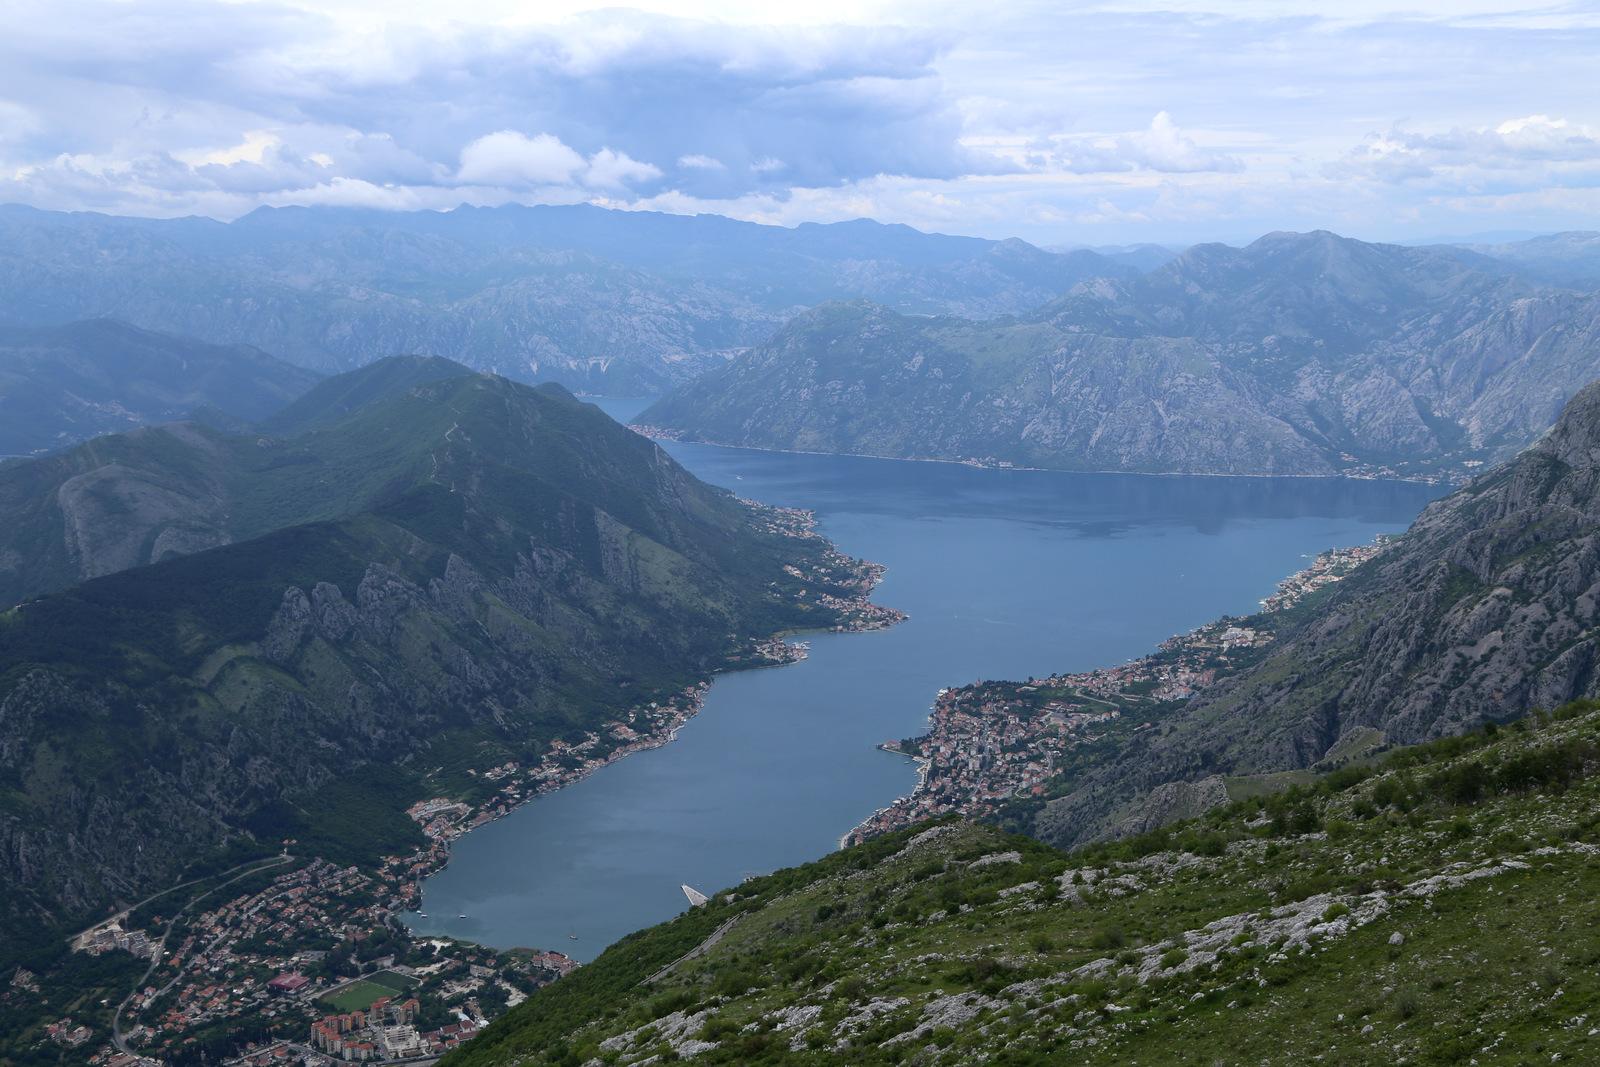 Views from Lovcen-Kotor road